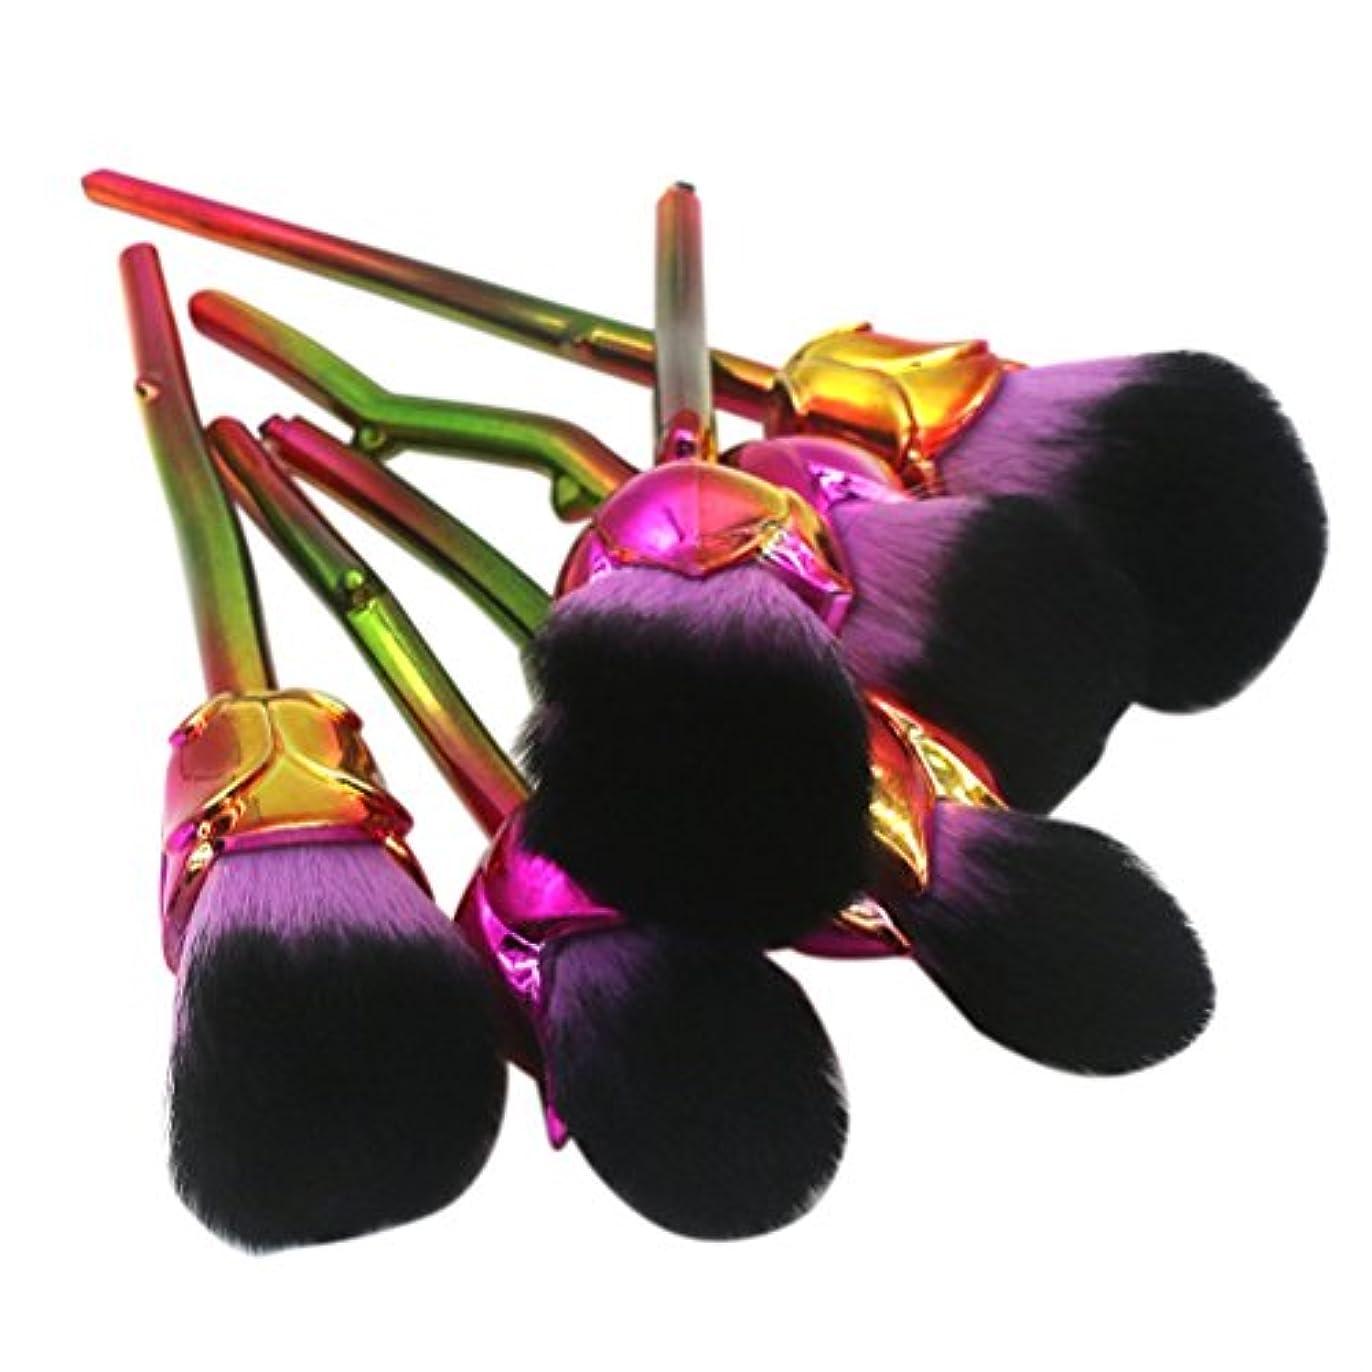 シャー人類トークディラビューティー(Dilla Beauty) メイクブラシ 薔薇 メイクブラシセット 人気 ファンデーションブラシ 化粧筆 可愛い 化粧ブラシ セット パウダーブラシ フェイスブラシ ローズ メイクブラシ 6本セット ケース付き (パープル)